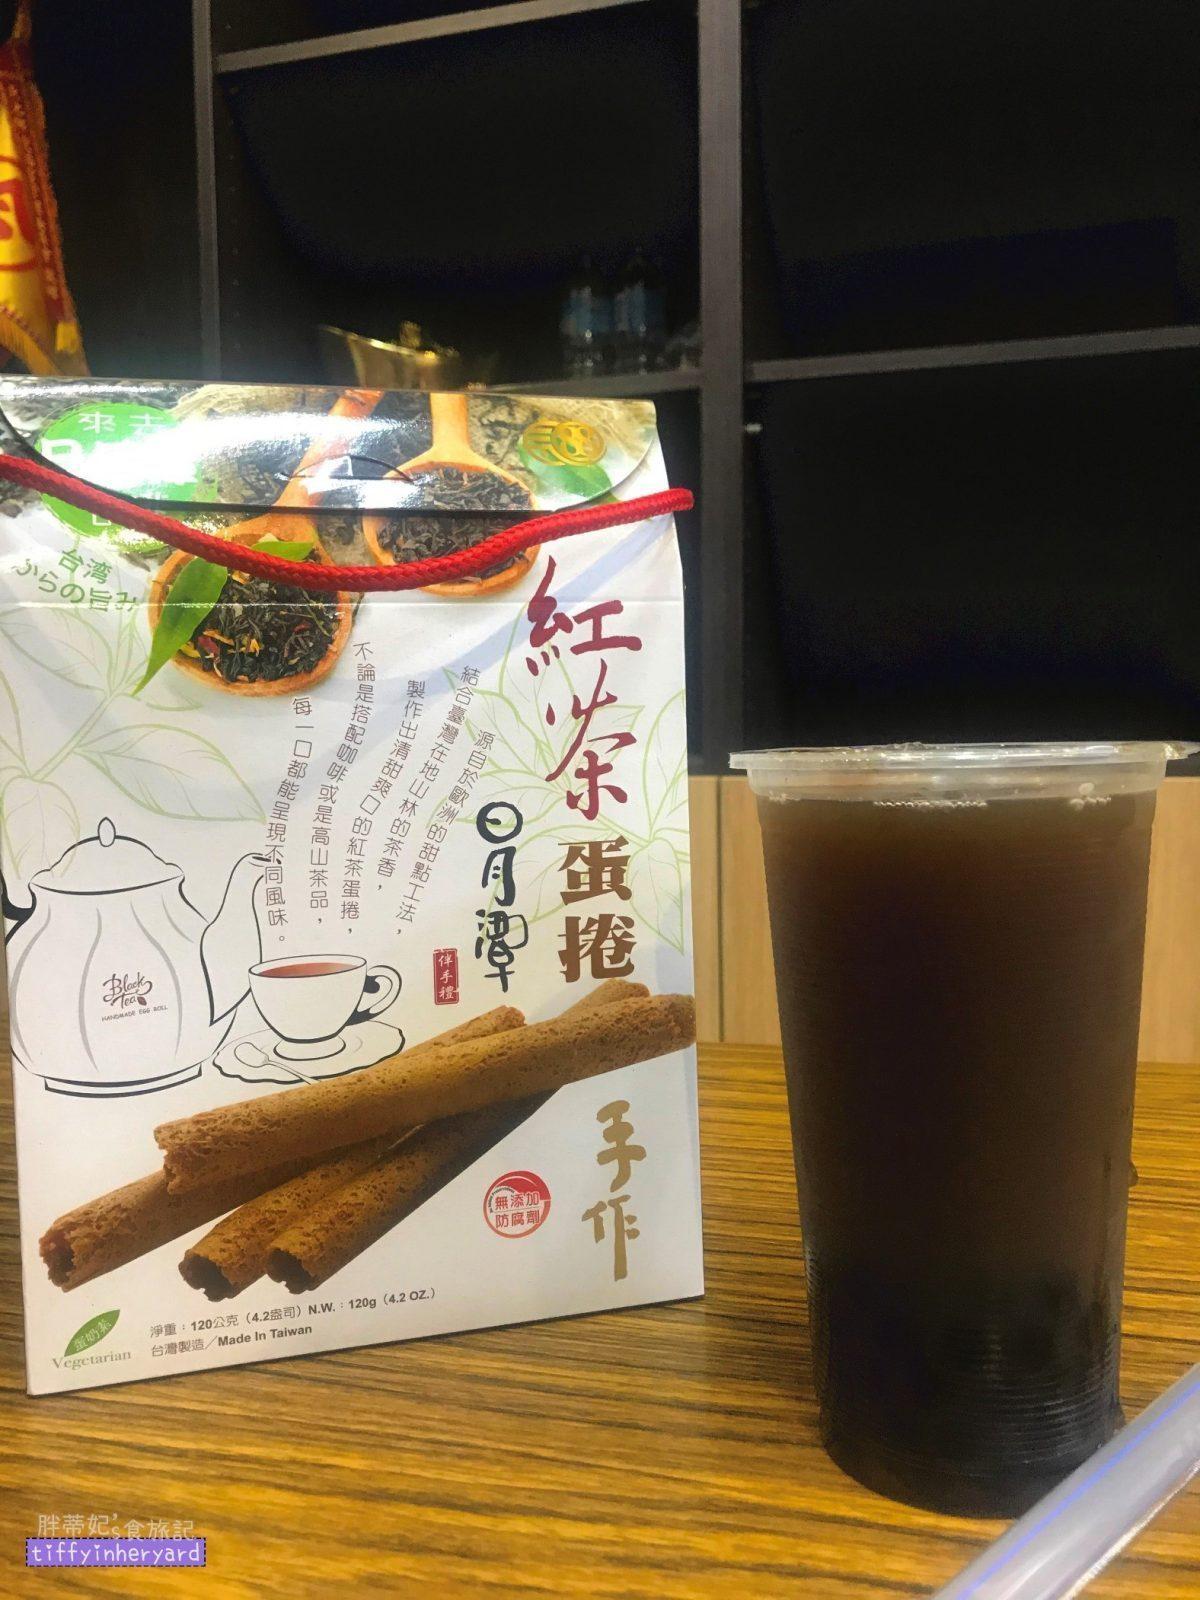 日月潭喝紅茶 - 日月潭伴手禮日月潭紅茶香滿村茶行